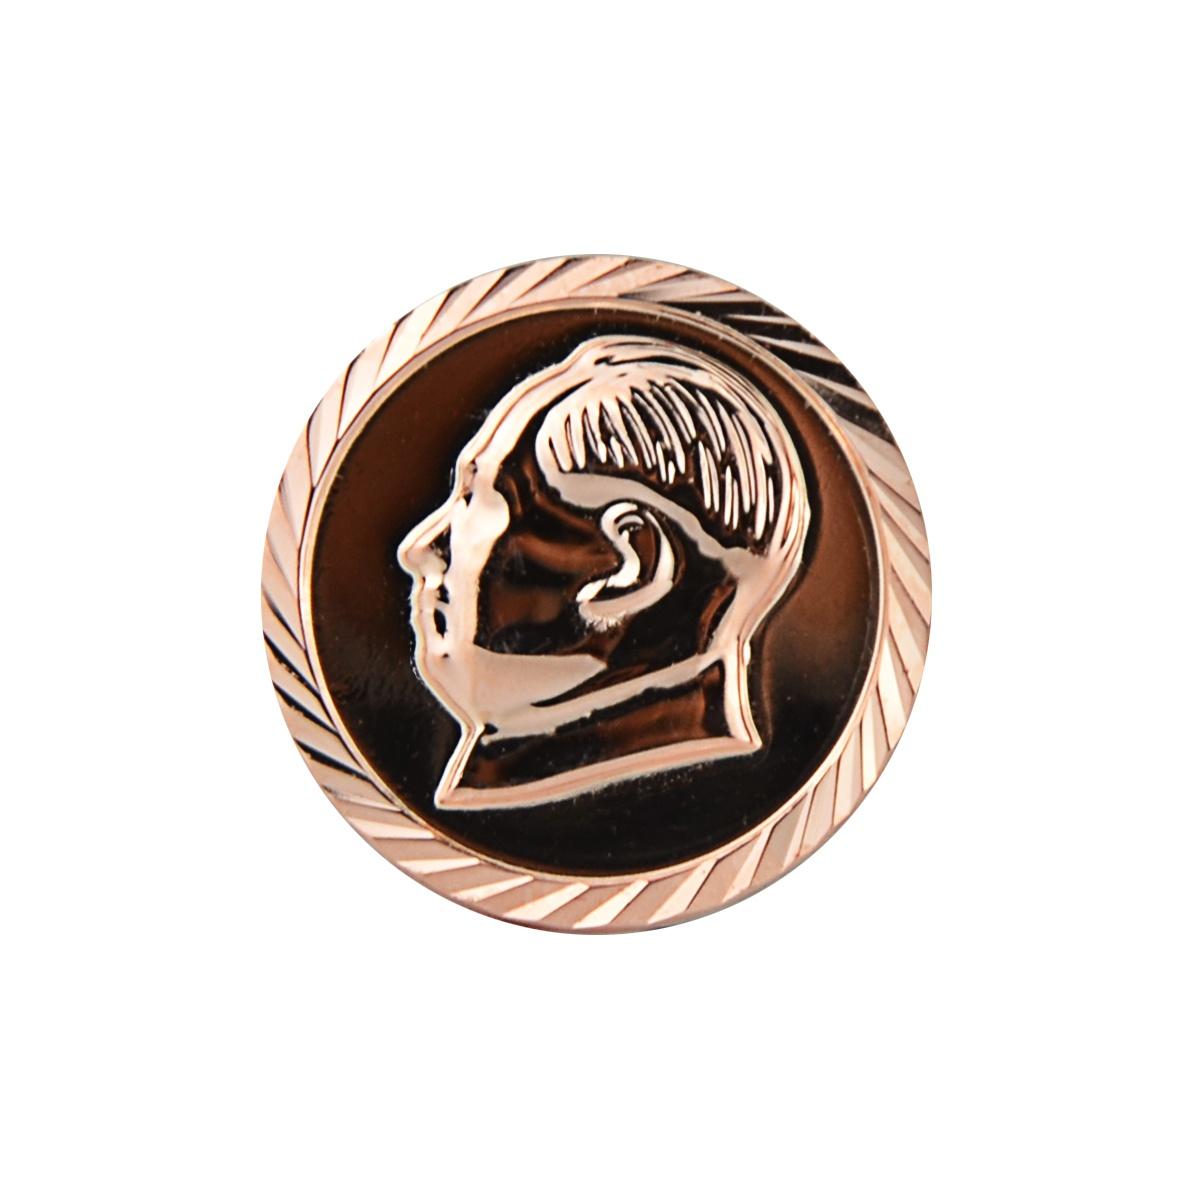 毛主席纯银990足银彩银胸针饰品伟人毛泽东纪念像章配饰西服徽。